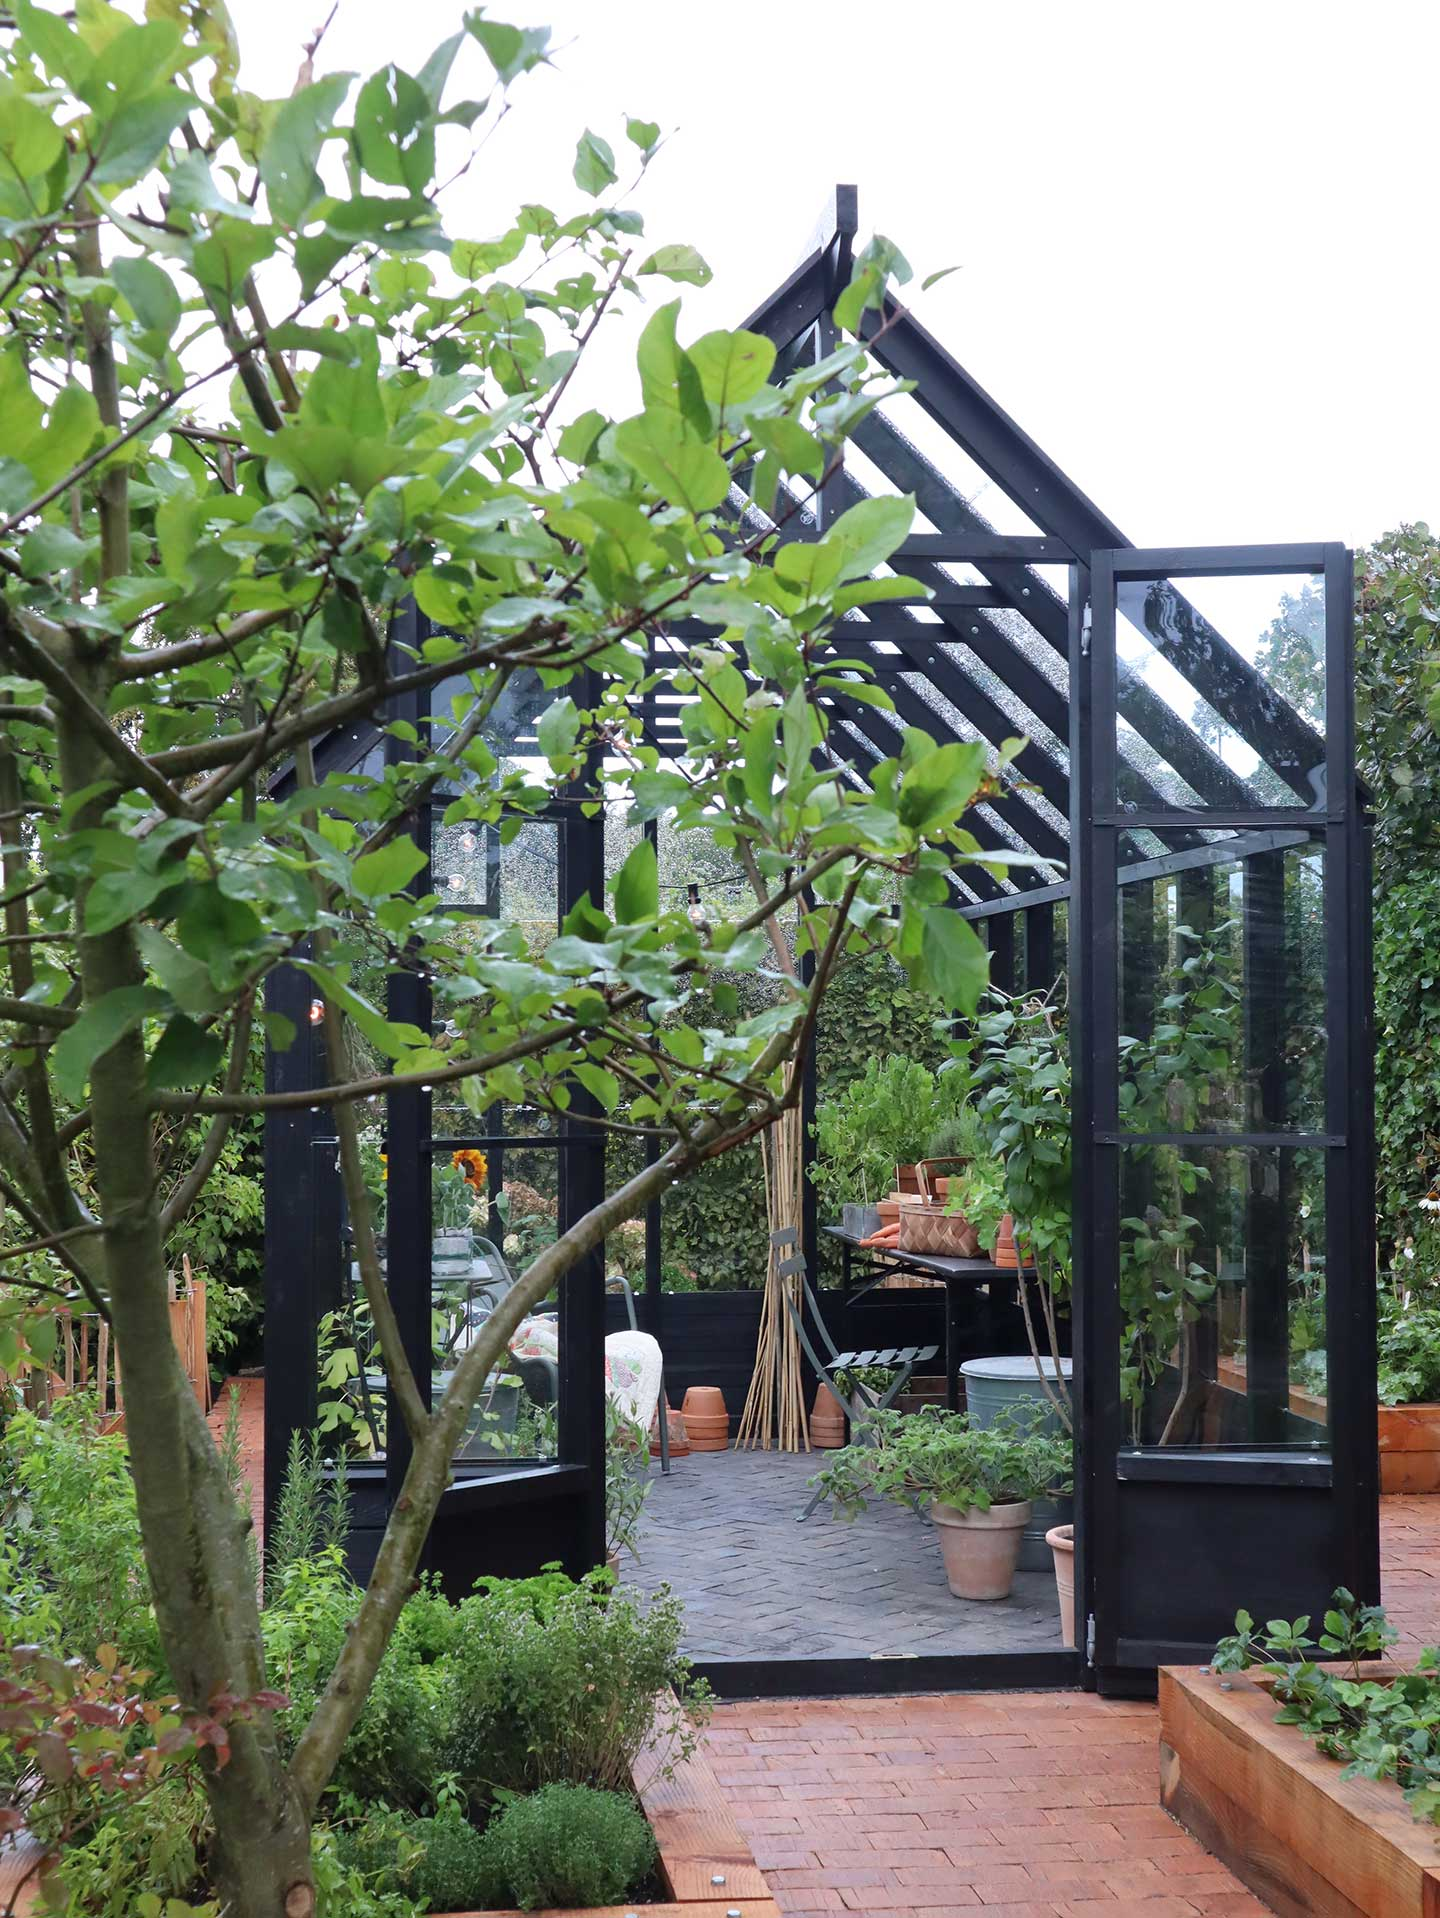 The Greenery på terrasse med åbne døre foran et træ